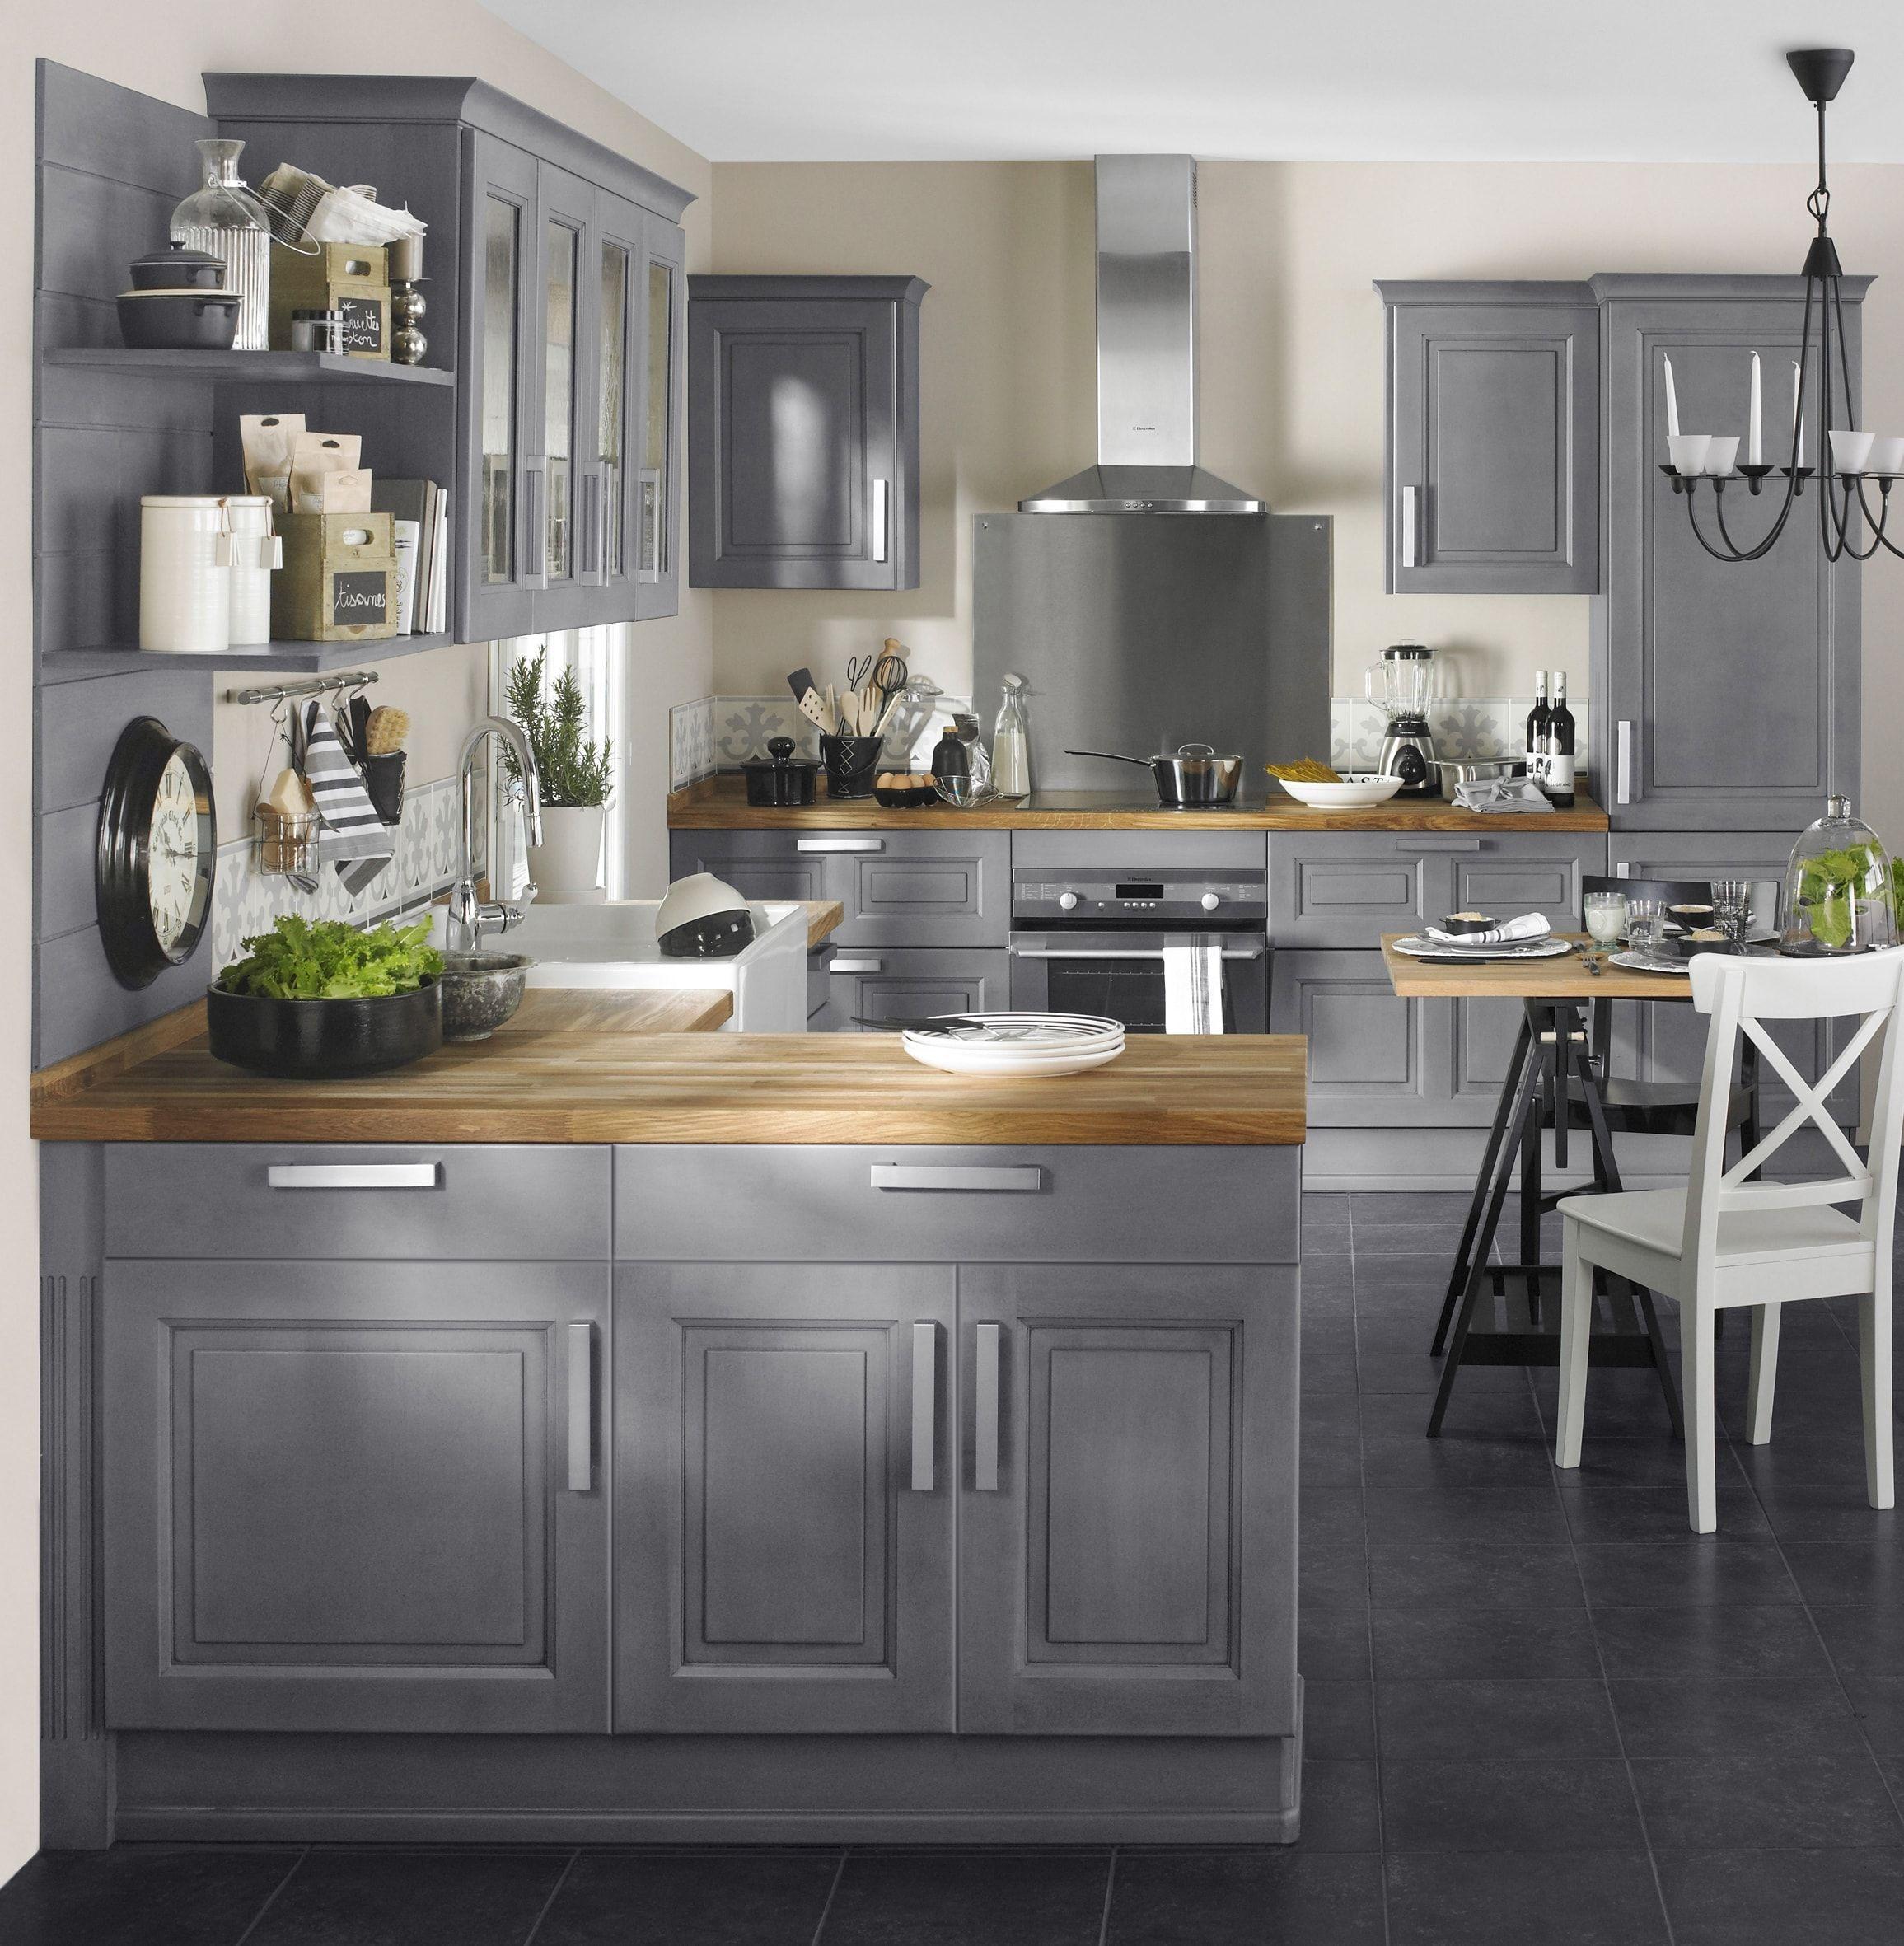 Cuisine Bistro Par Lapeyre Cuisine Rustique Et Si On La - Lapeyre meuble haut cuisine pour idees de deco de cuisine